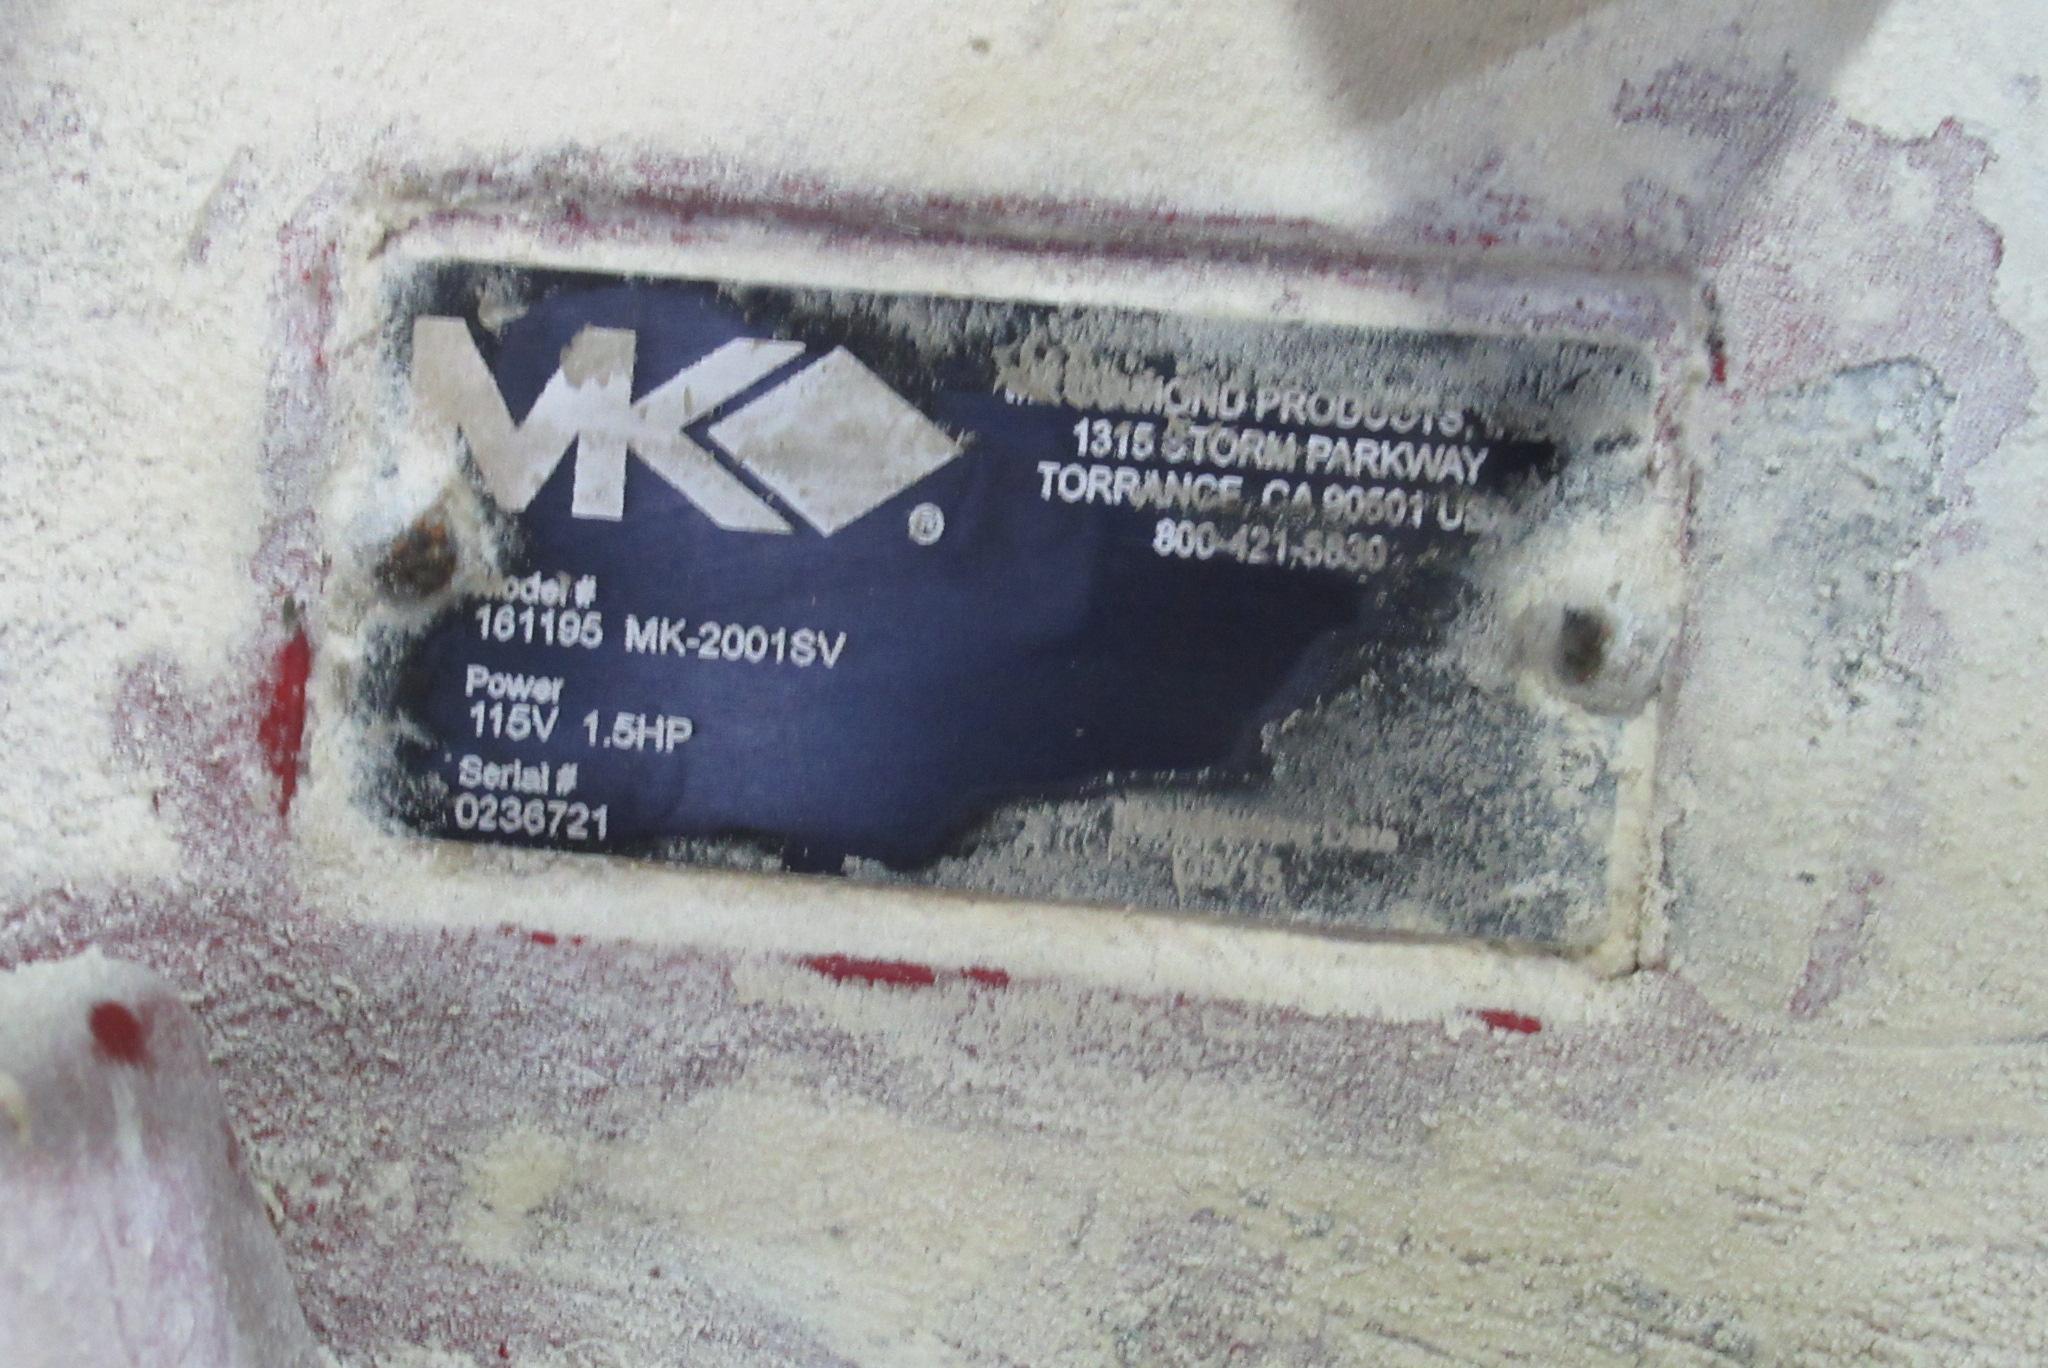 Lot 21 - MK Brick Saw Abrasive Cut-Off Saw